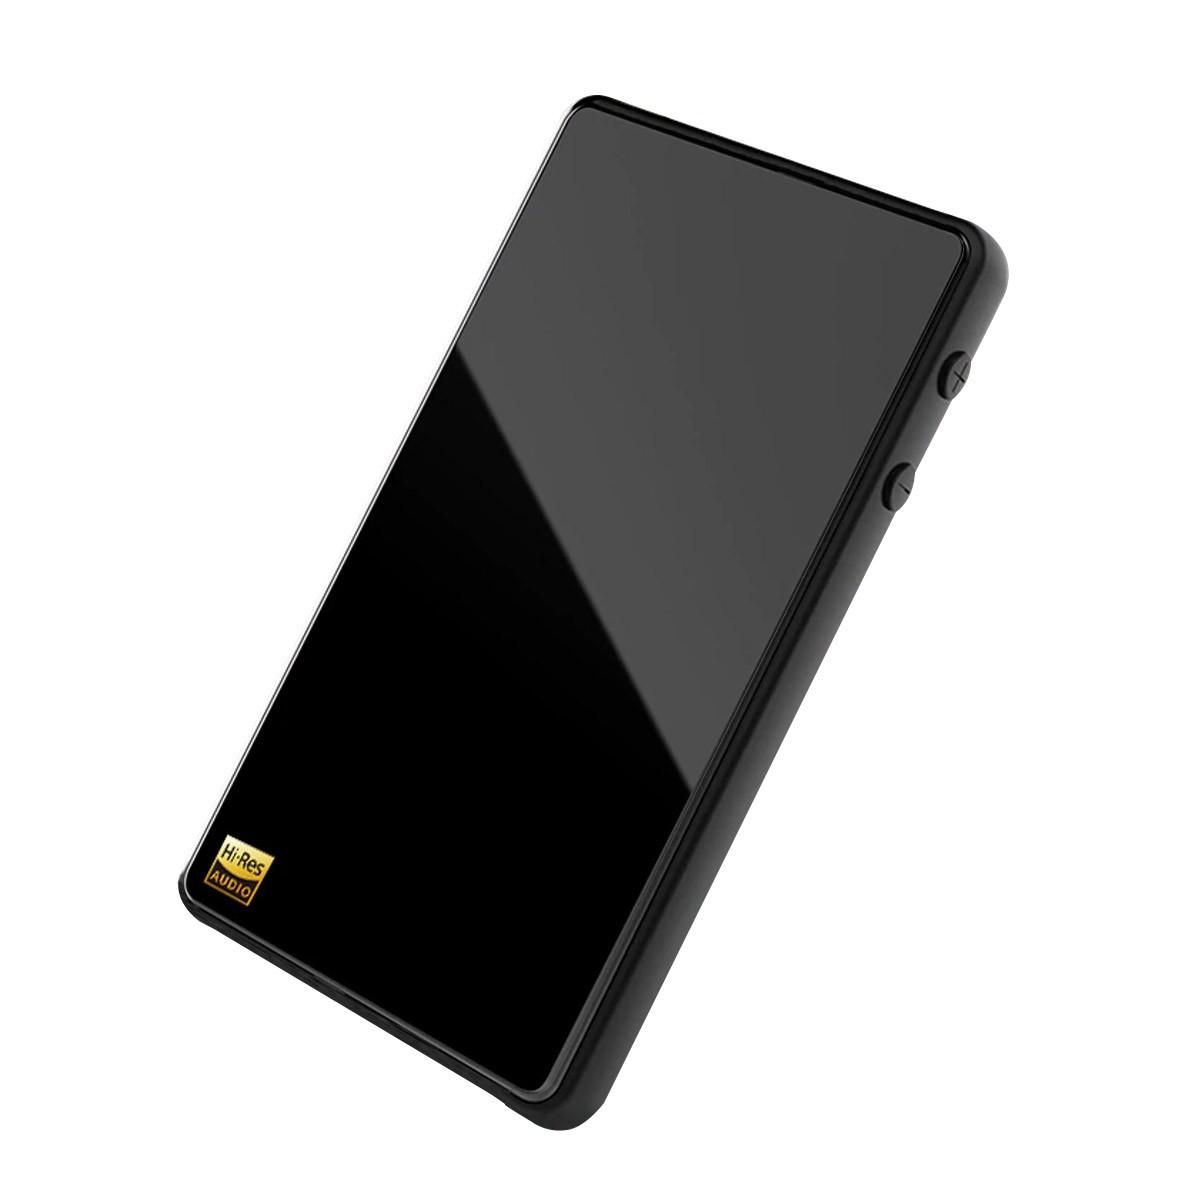 HIDIZS DH1000 DAC Balanced Portable Headphone Amplifier 2x ES9018K2M Amplifier 2x ES9601K 24bit 192kHz DSD128